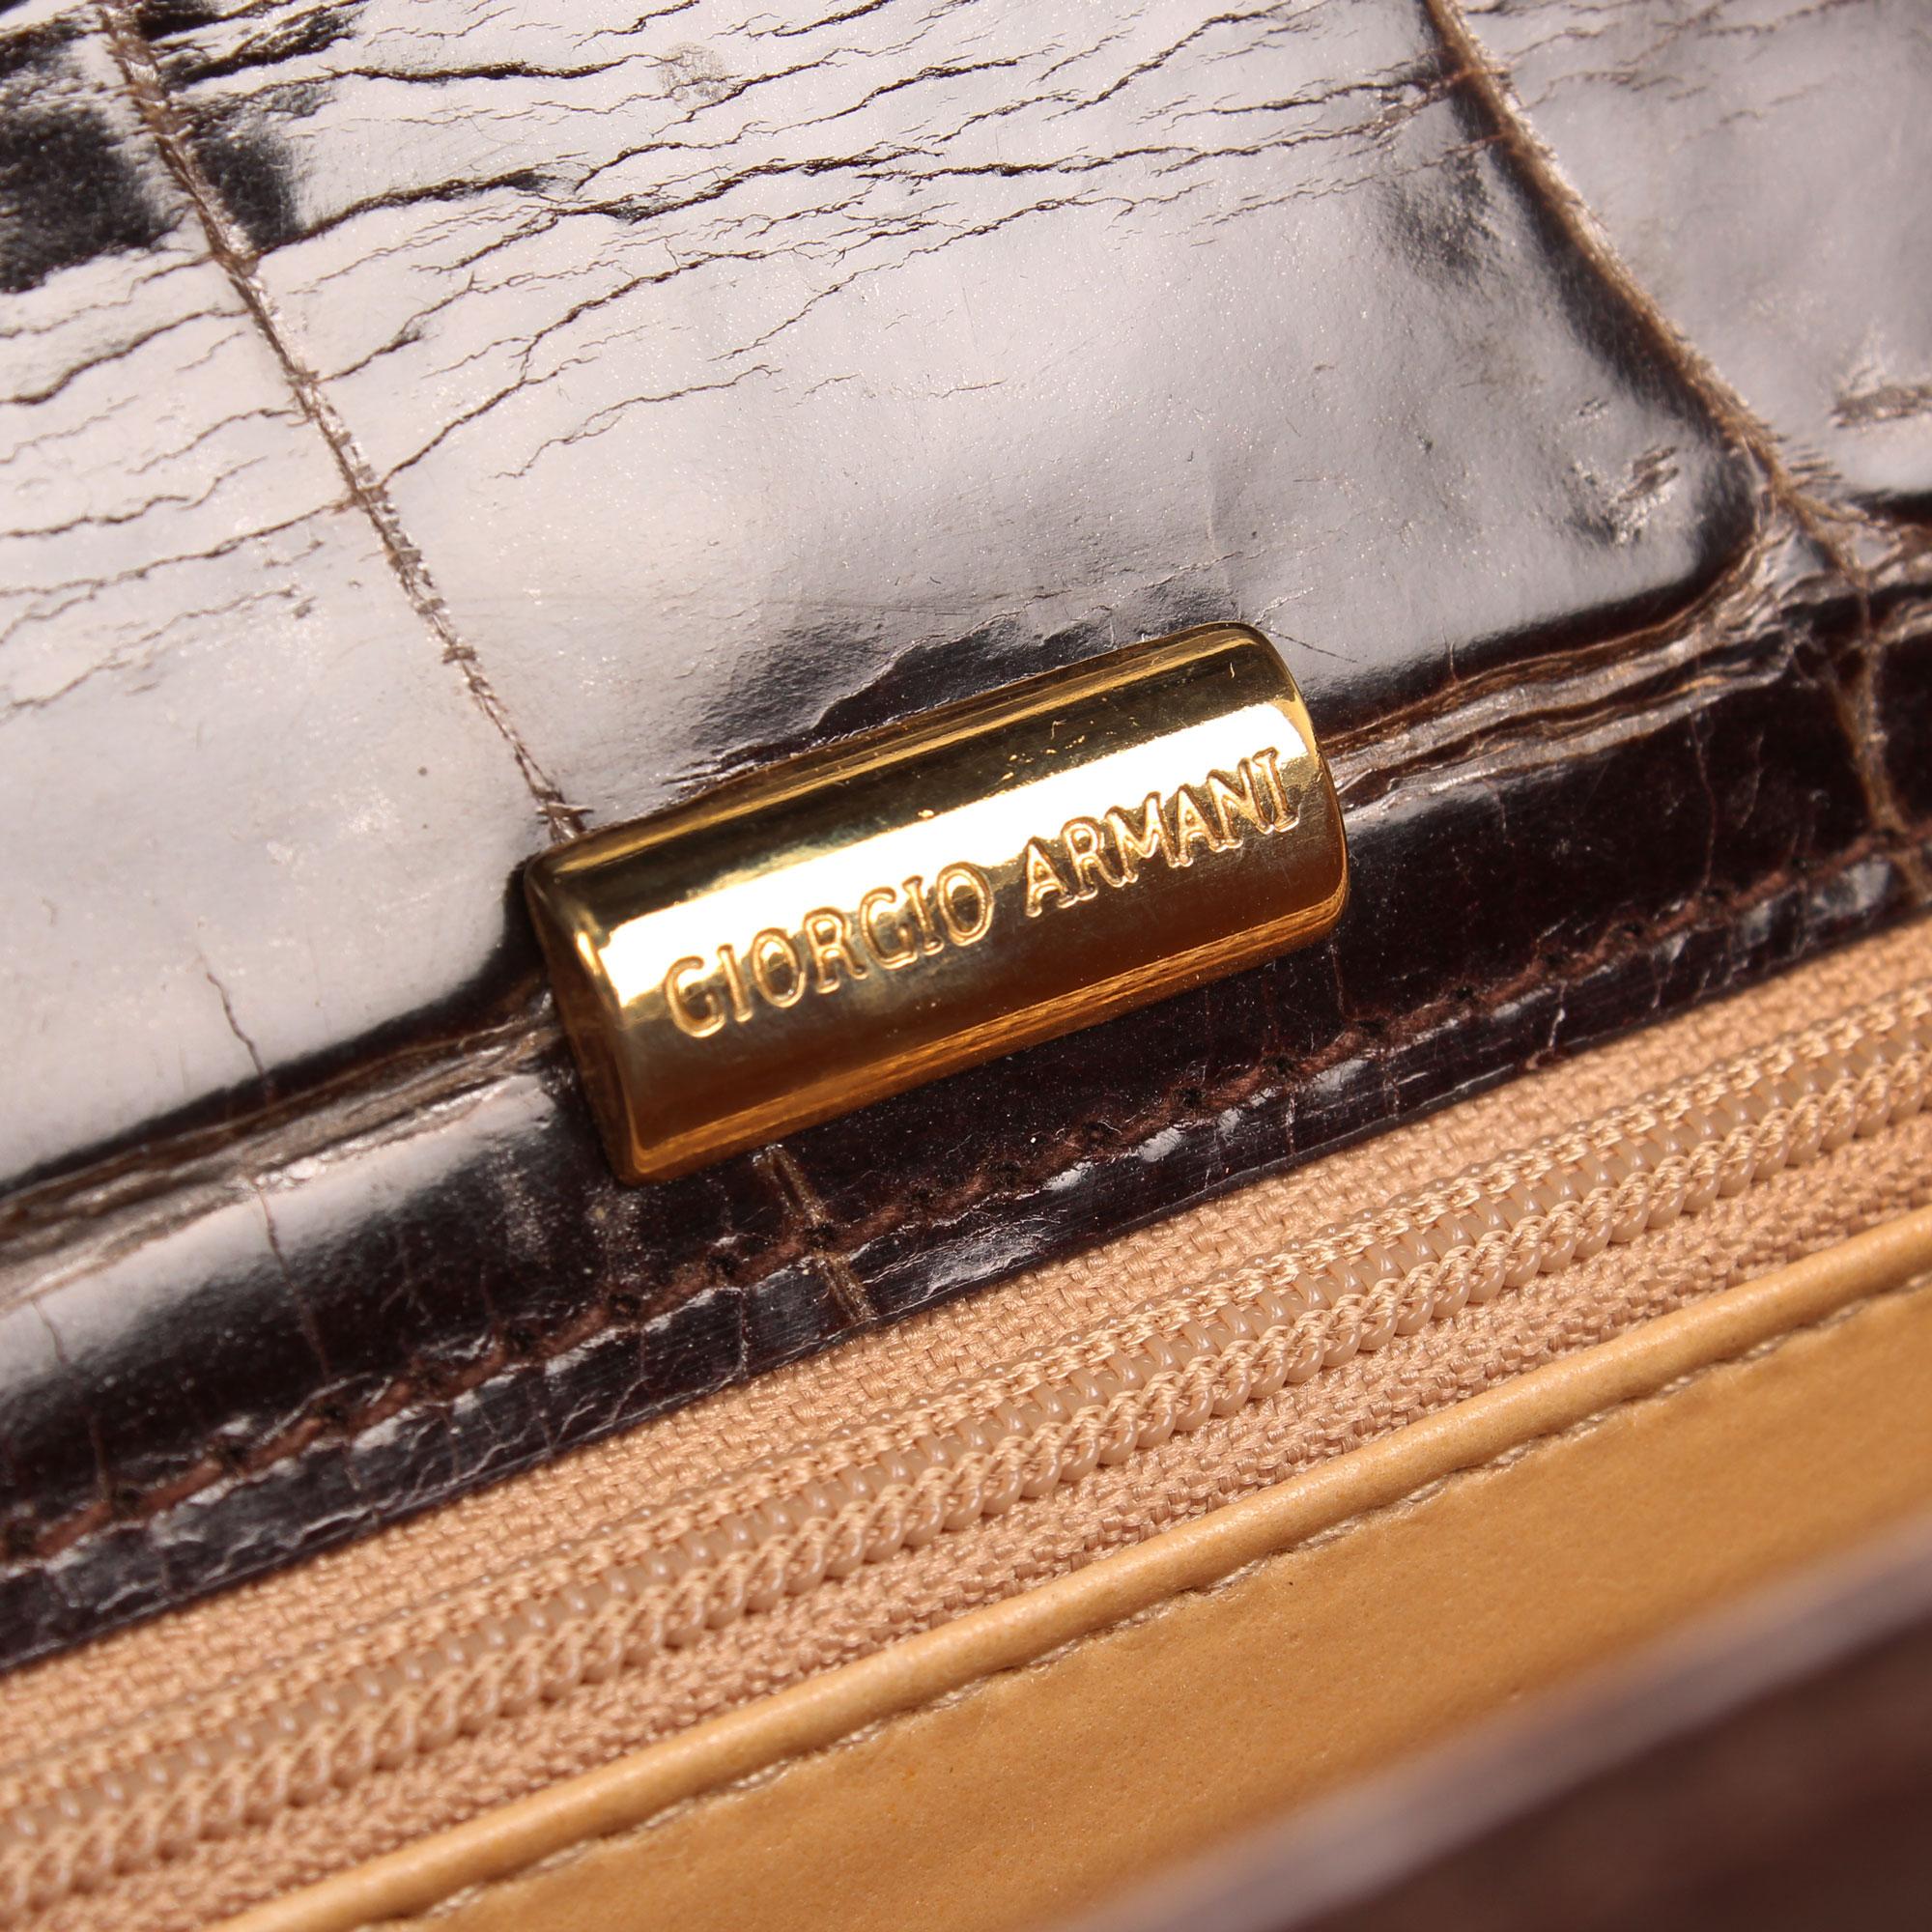 Imagen de la marca del armani clutch croco marron